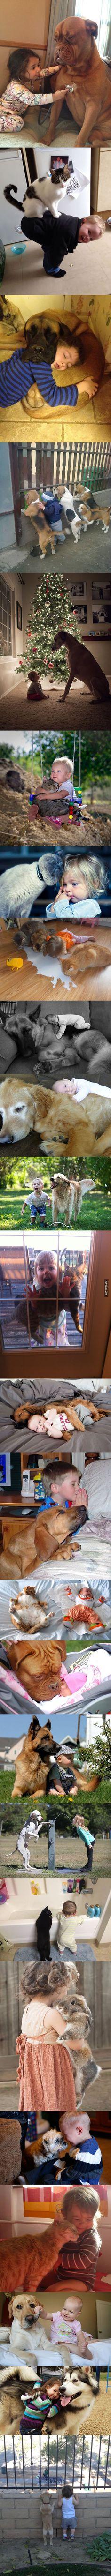 Des images incroyable montrant le liens entre les animaux et les enfants...